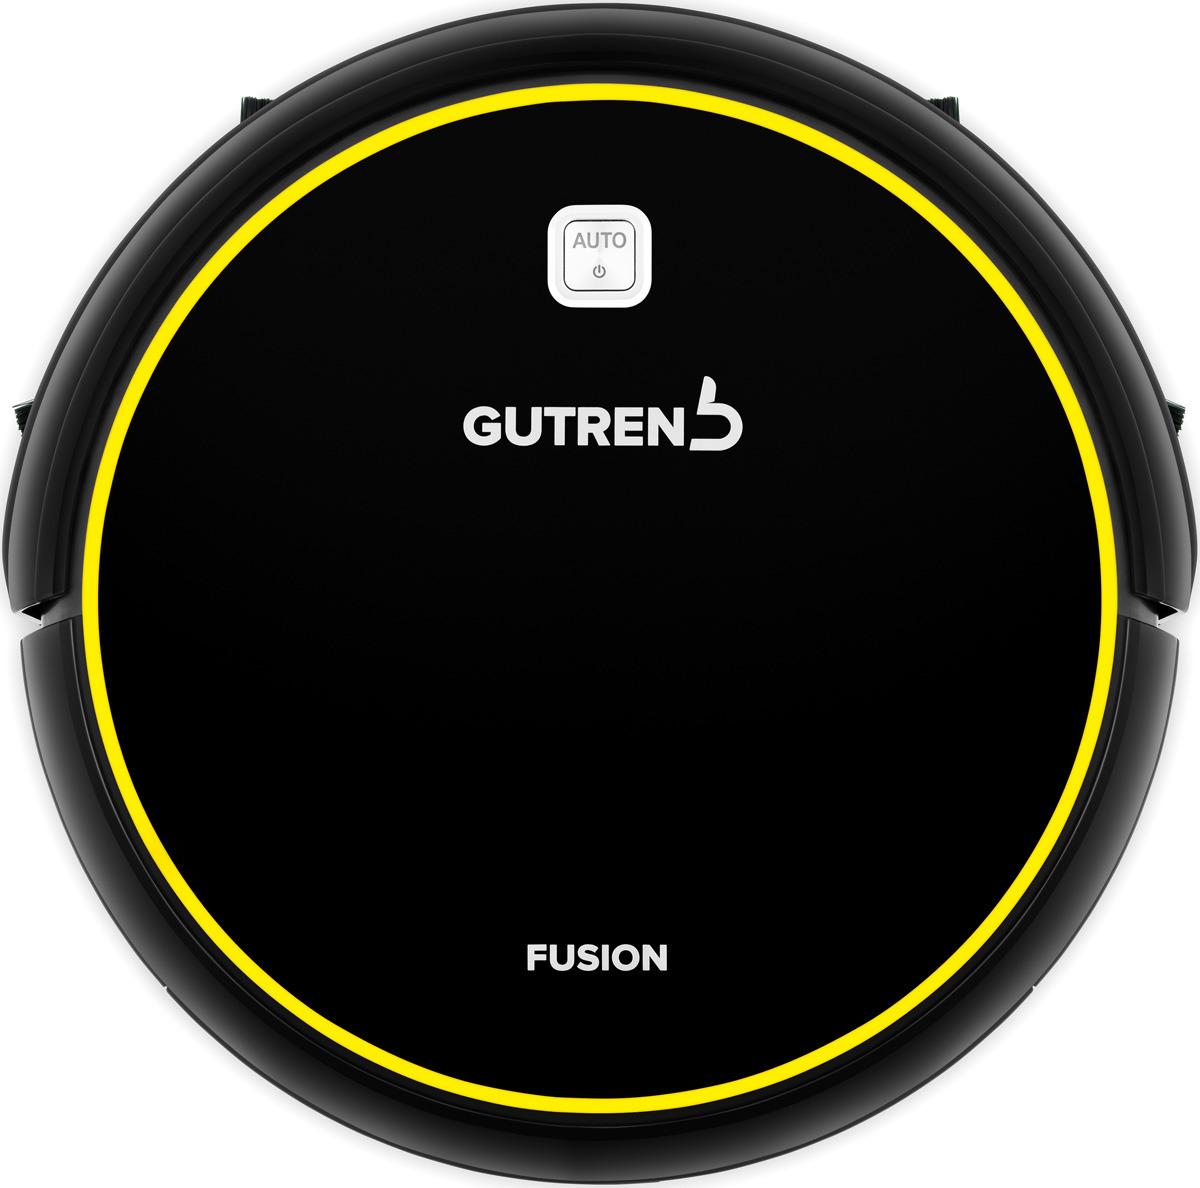 лучшая цена Робот-пылесос Gutrend Fusion G150BY, черный, желтый